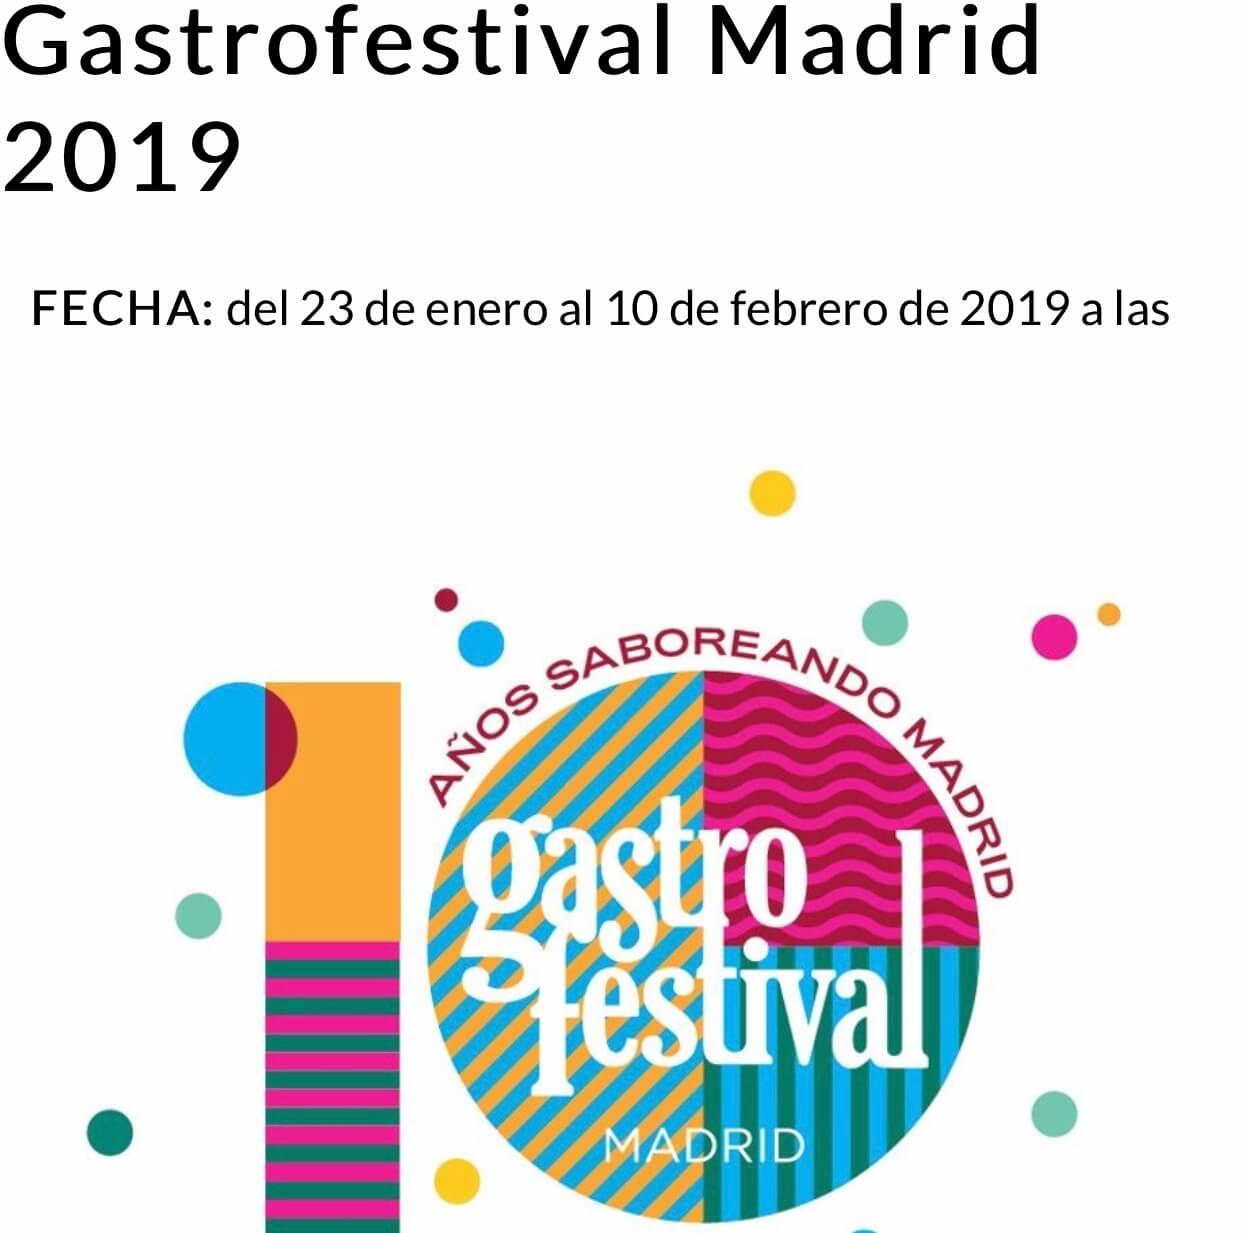 Gastrofestival Madrid 2019